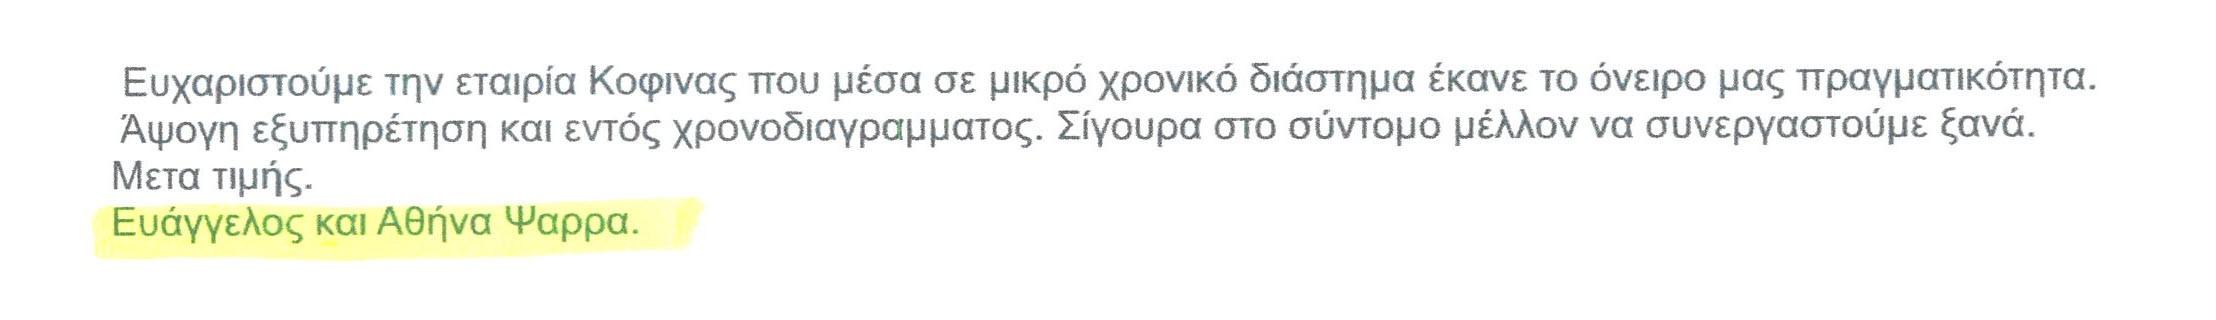 Ευάγγελος και Αθήνα Ψαρρά